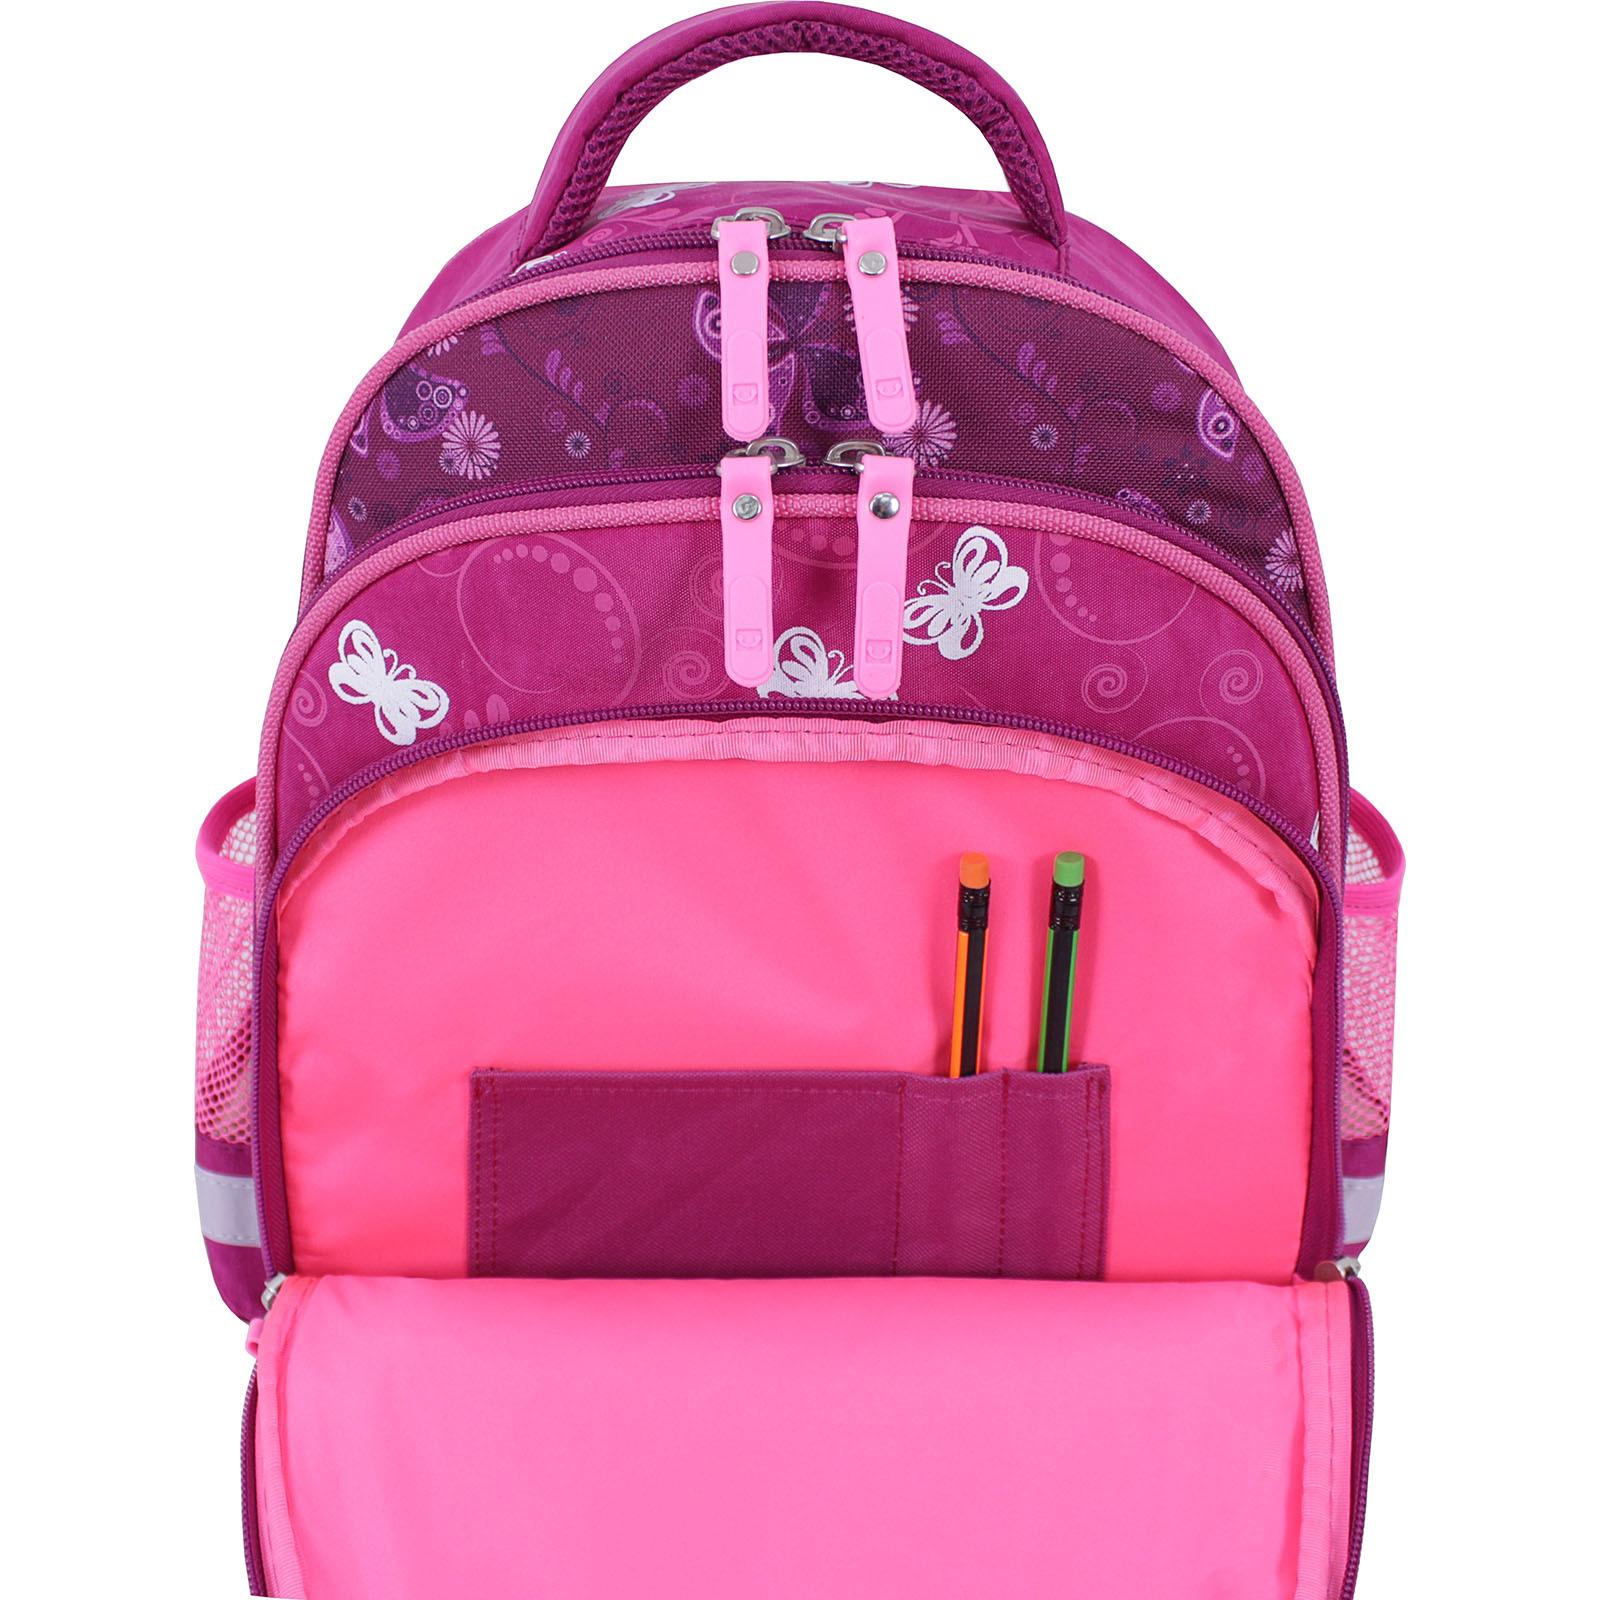 Рюкзак школьный Bagland Mouse 143 малиновый 615 (0051370)  фото 5